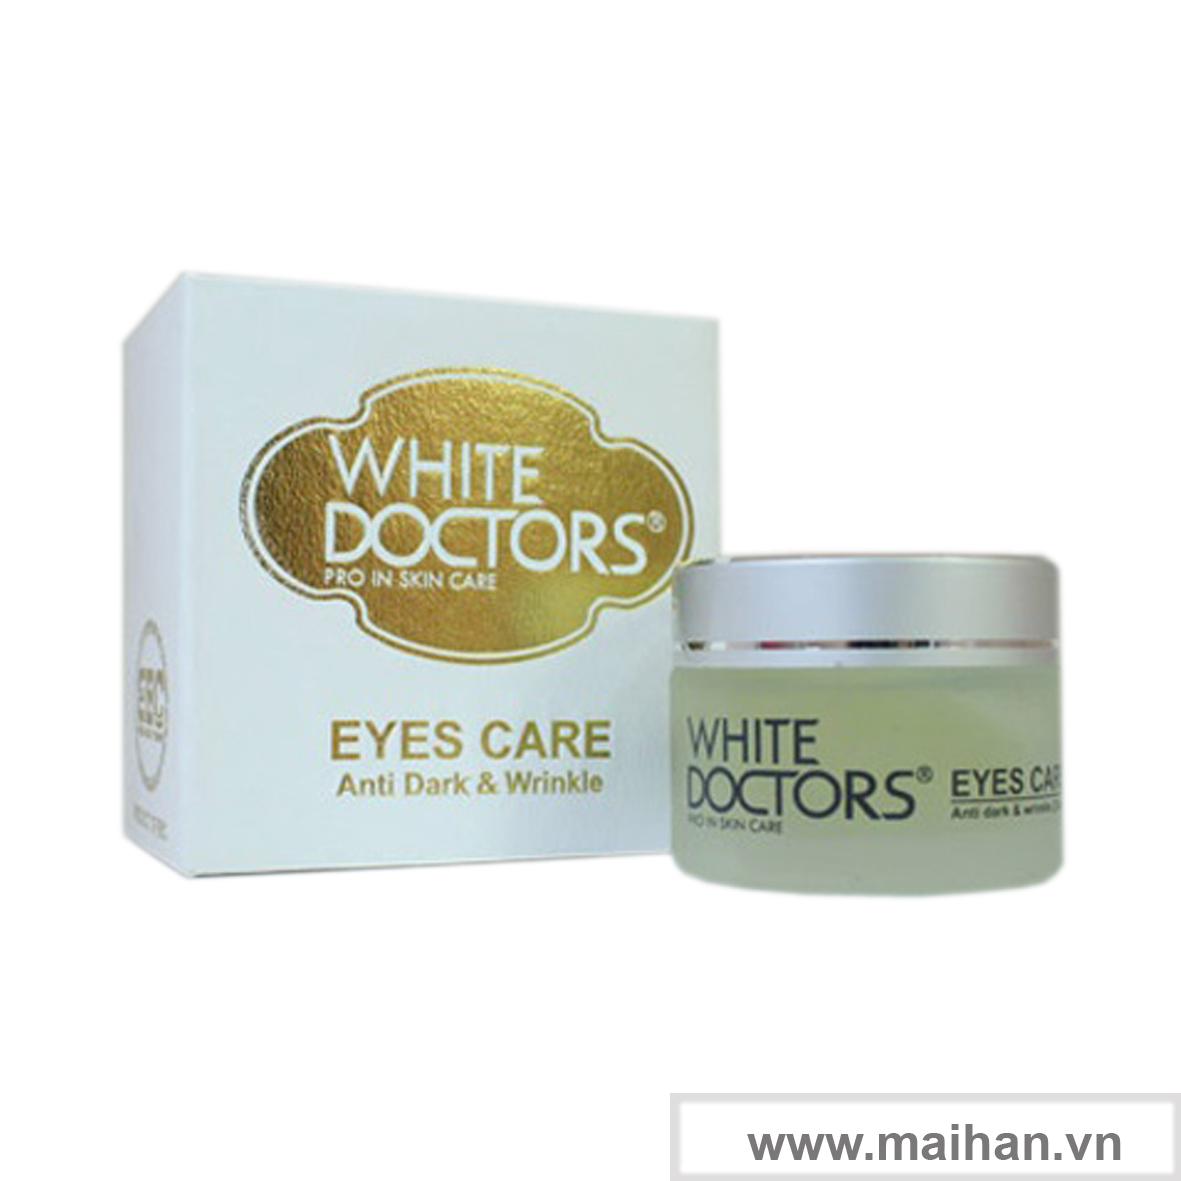 Kem chống thâm và nhăn quầng mắt White Doctors